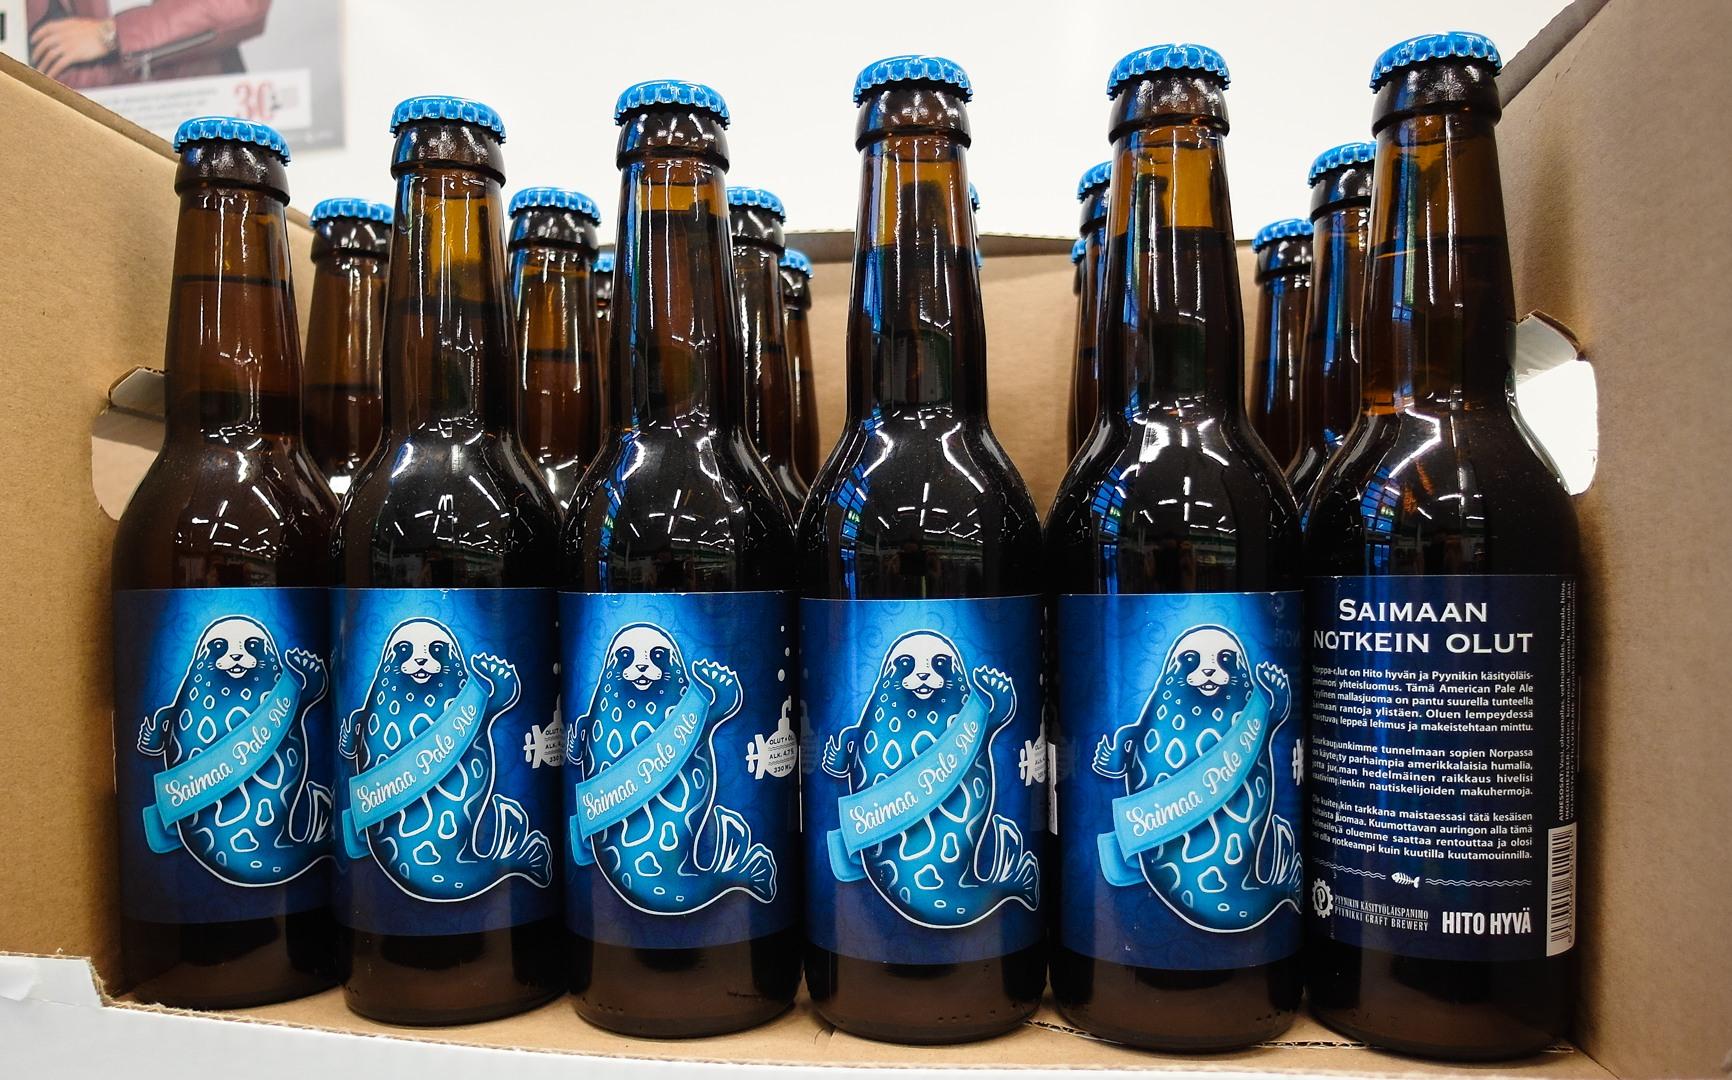 финское пиво Saimaan notkein olut